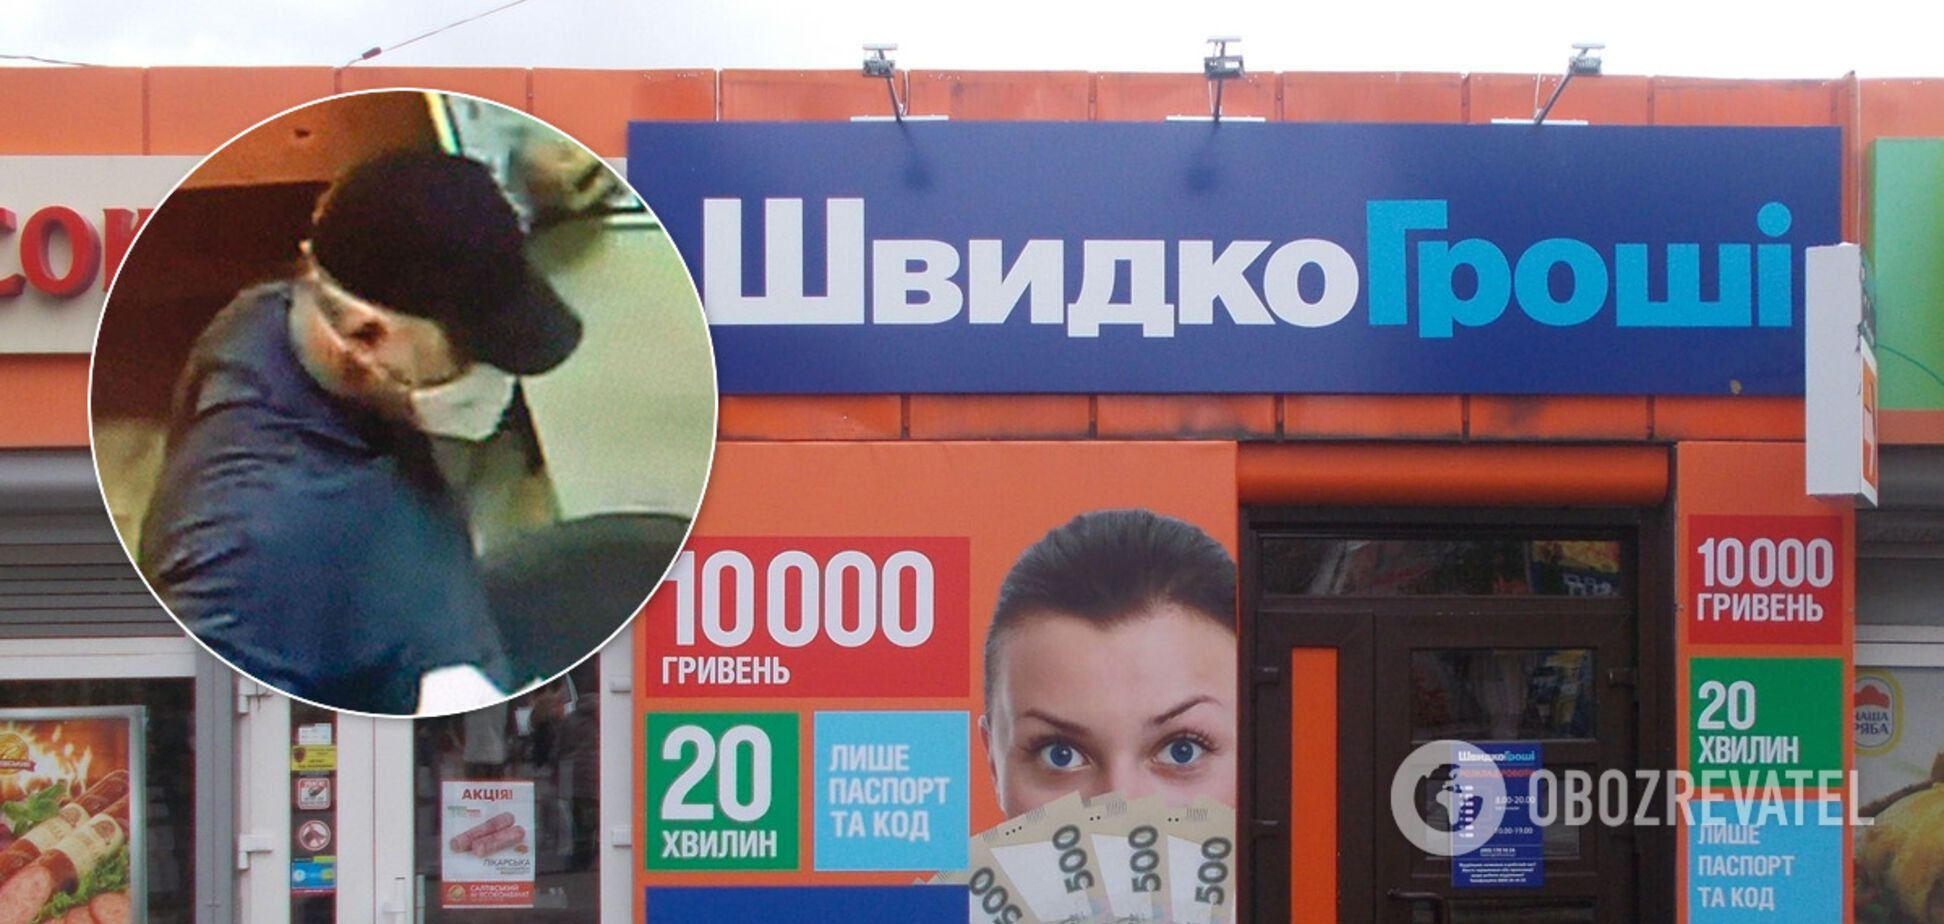 В Кременчуге неизвестный ограбил ''Швидко Гроші''